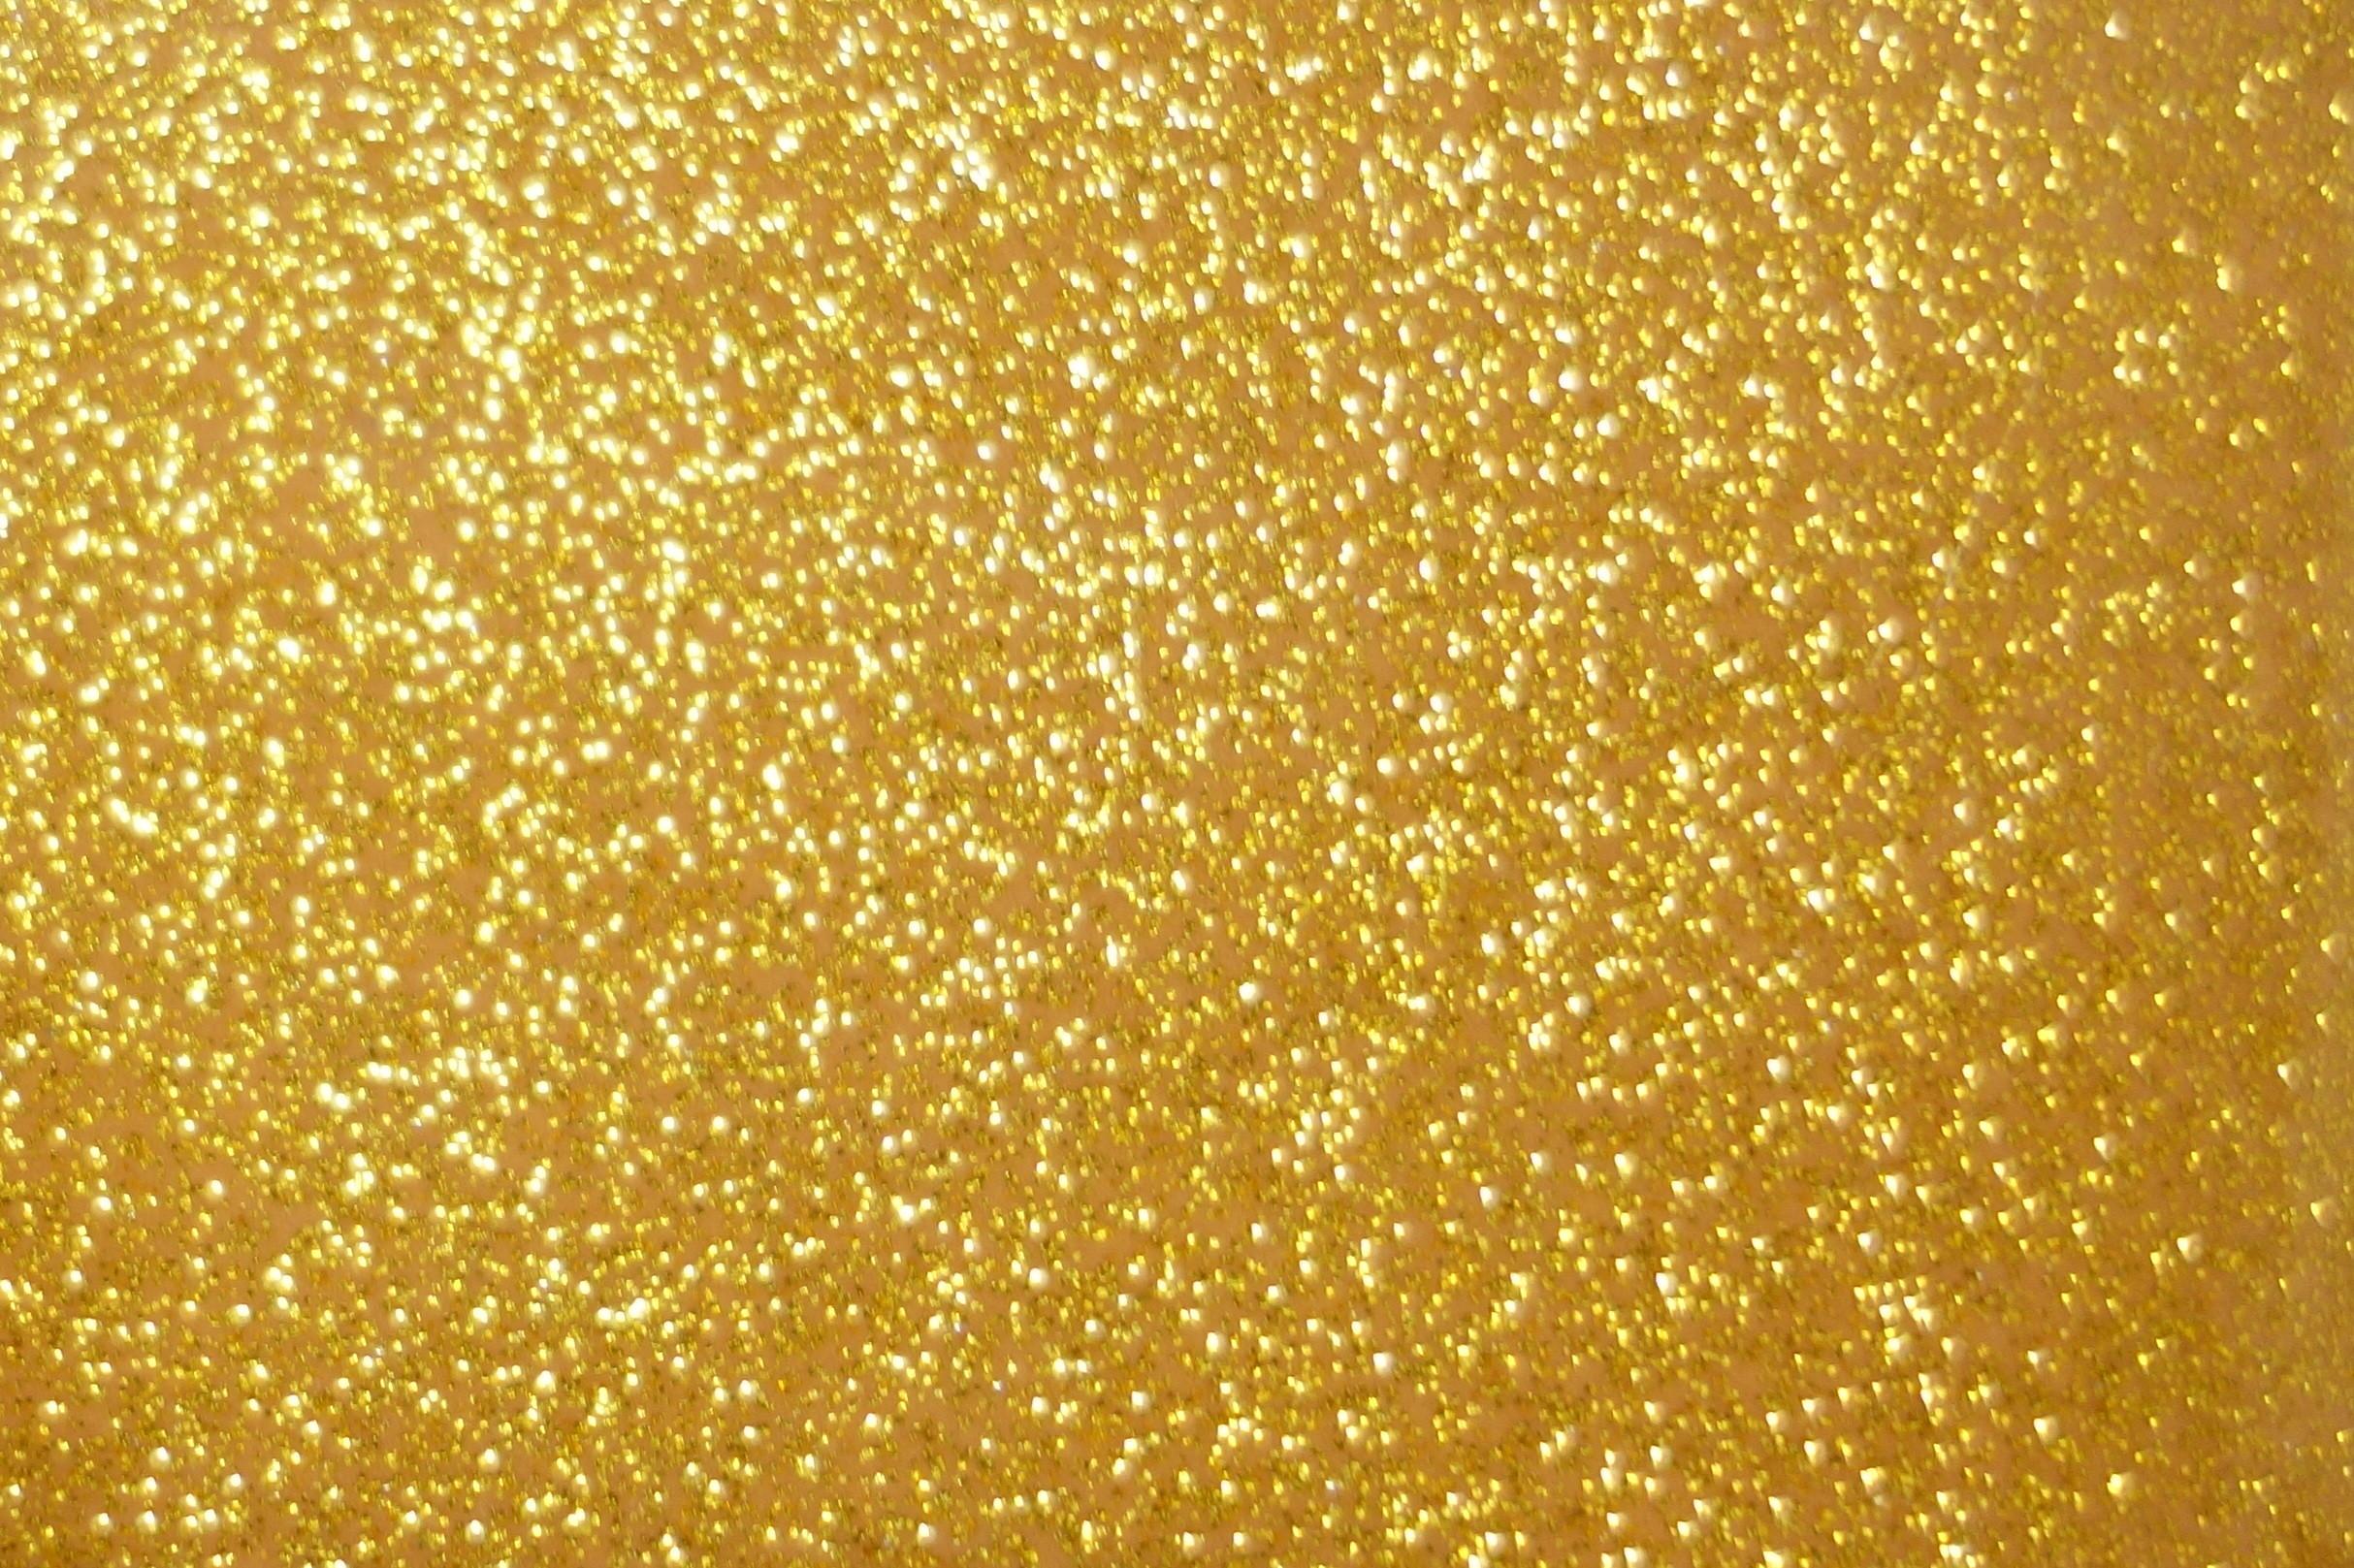 Desktop Images Gold Glitter Wallpaper HD.